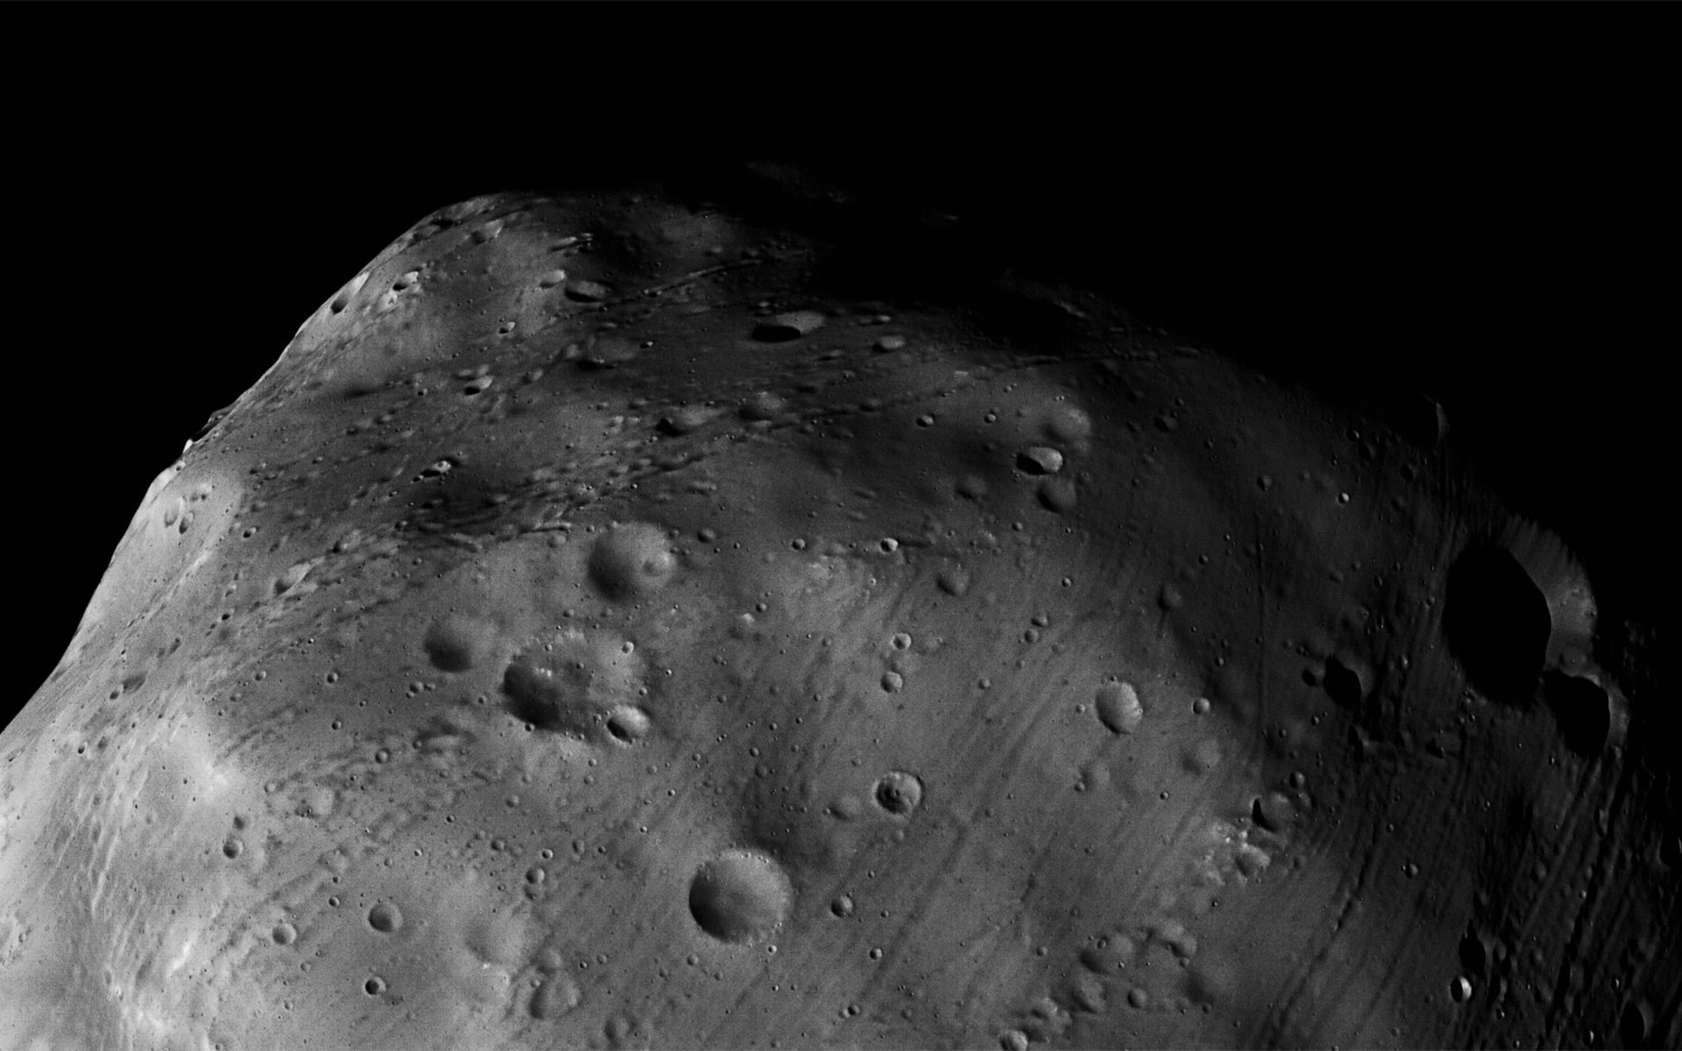 Phobos est un objet en forme de pomme de terre de 27 x 22 x 18 km et caractérisé par un cratère « géant » de 9 km de diamètre, nommé Stickney. © Esa, DLR, FU Berlin, G. Neukum